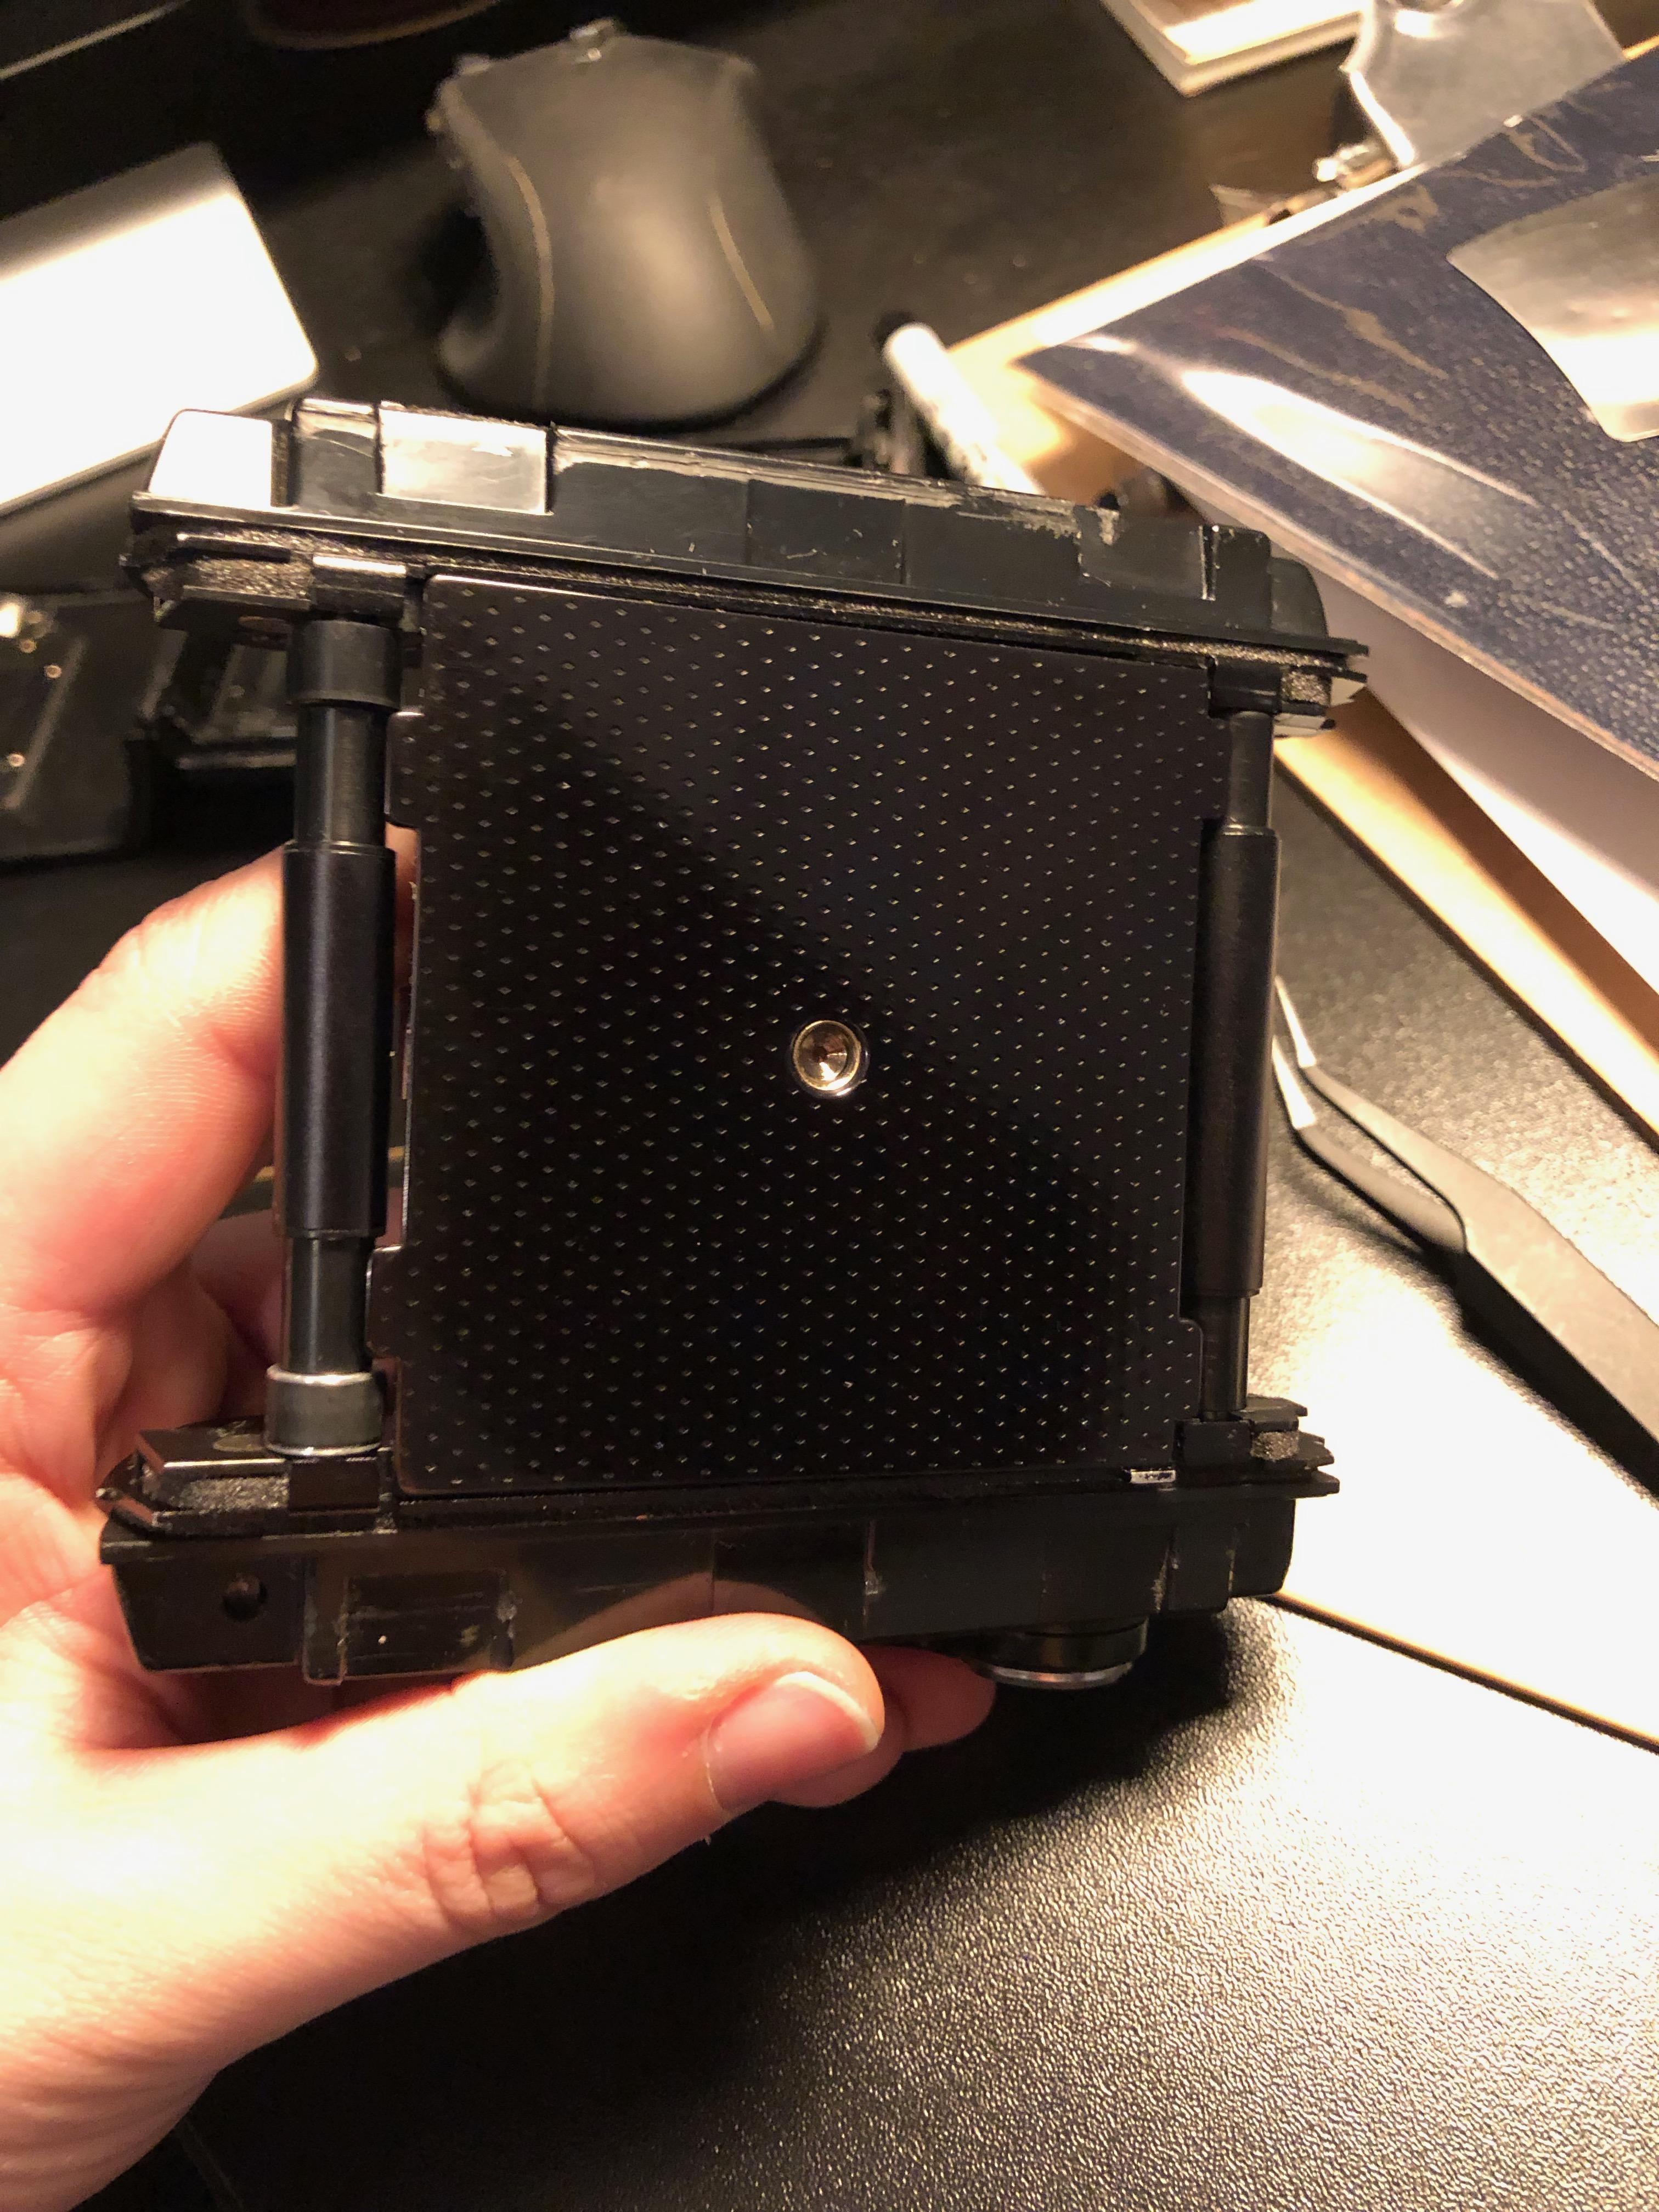 mamiya-rb67-restoration-medium-format-camera-light-seals-leather-205